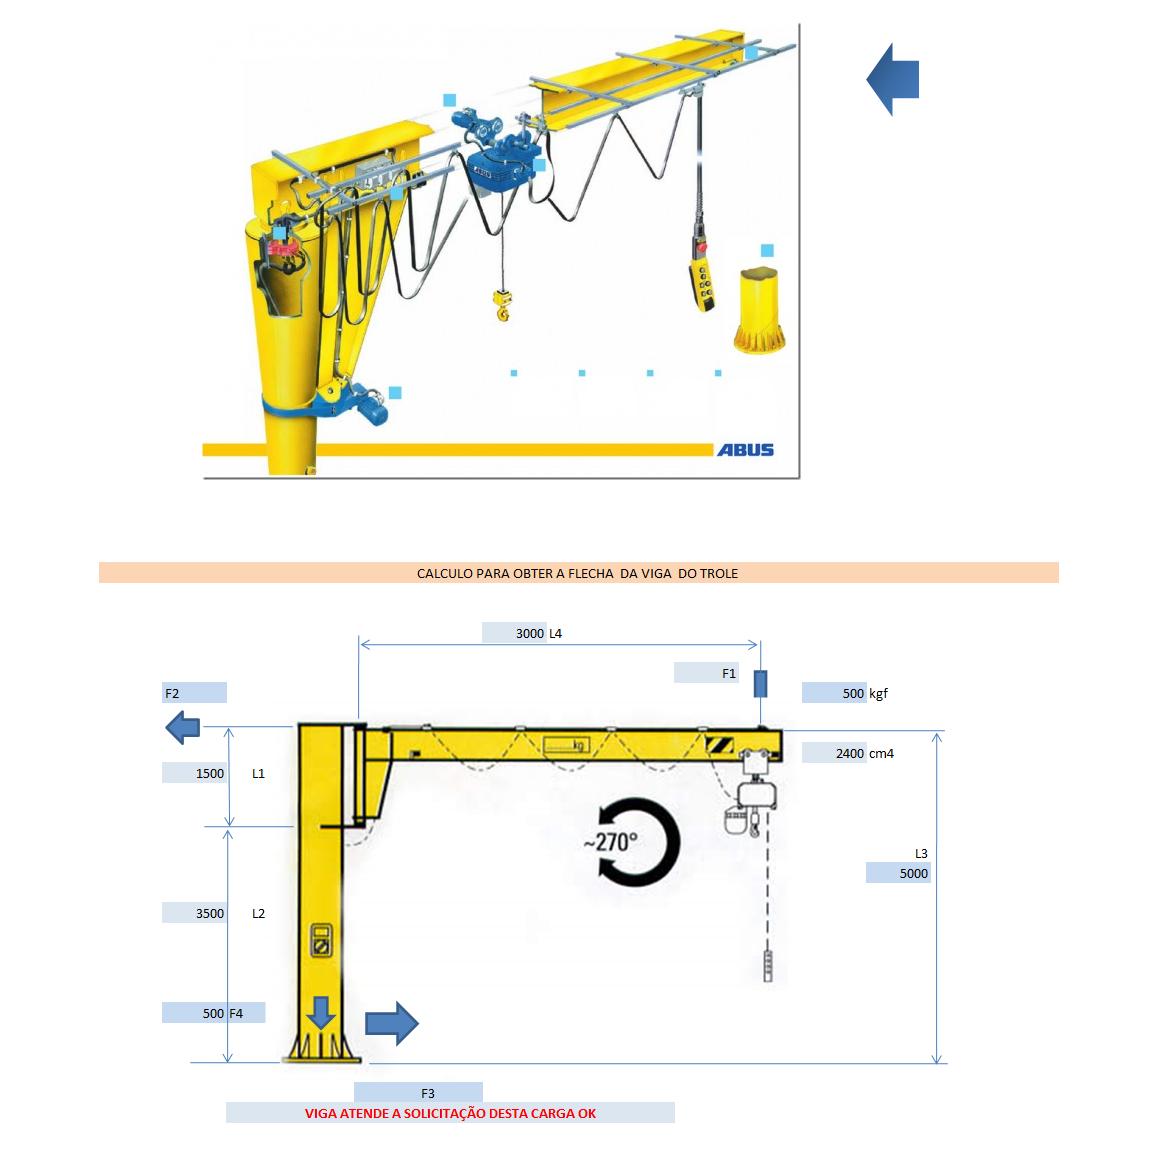 Aplicativos FP N3: Planilha de calculo e projeto de guindaste de coluna giratório